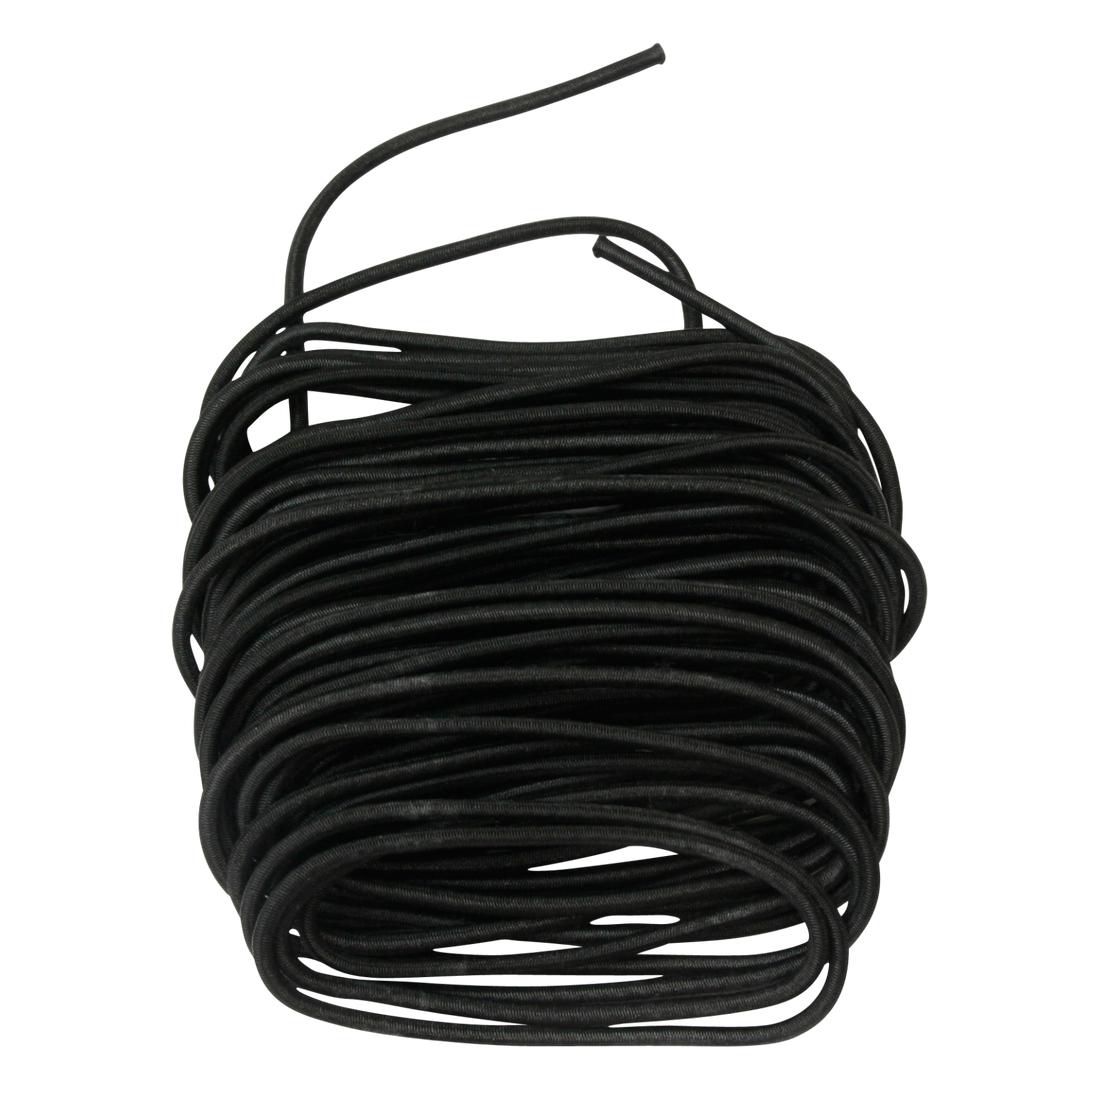 Campfrei Zeltstangen-Verbindungsgummi Elastic /Ø 3 mm x 10 Meter Gummiband Elastikband zur Verbindung von Zeltstangen